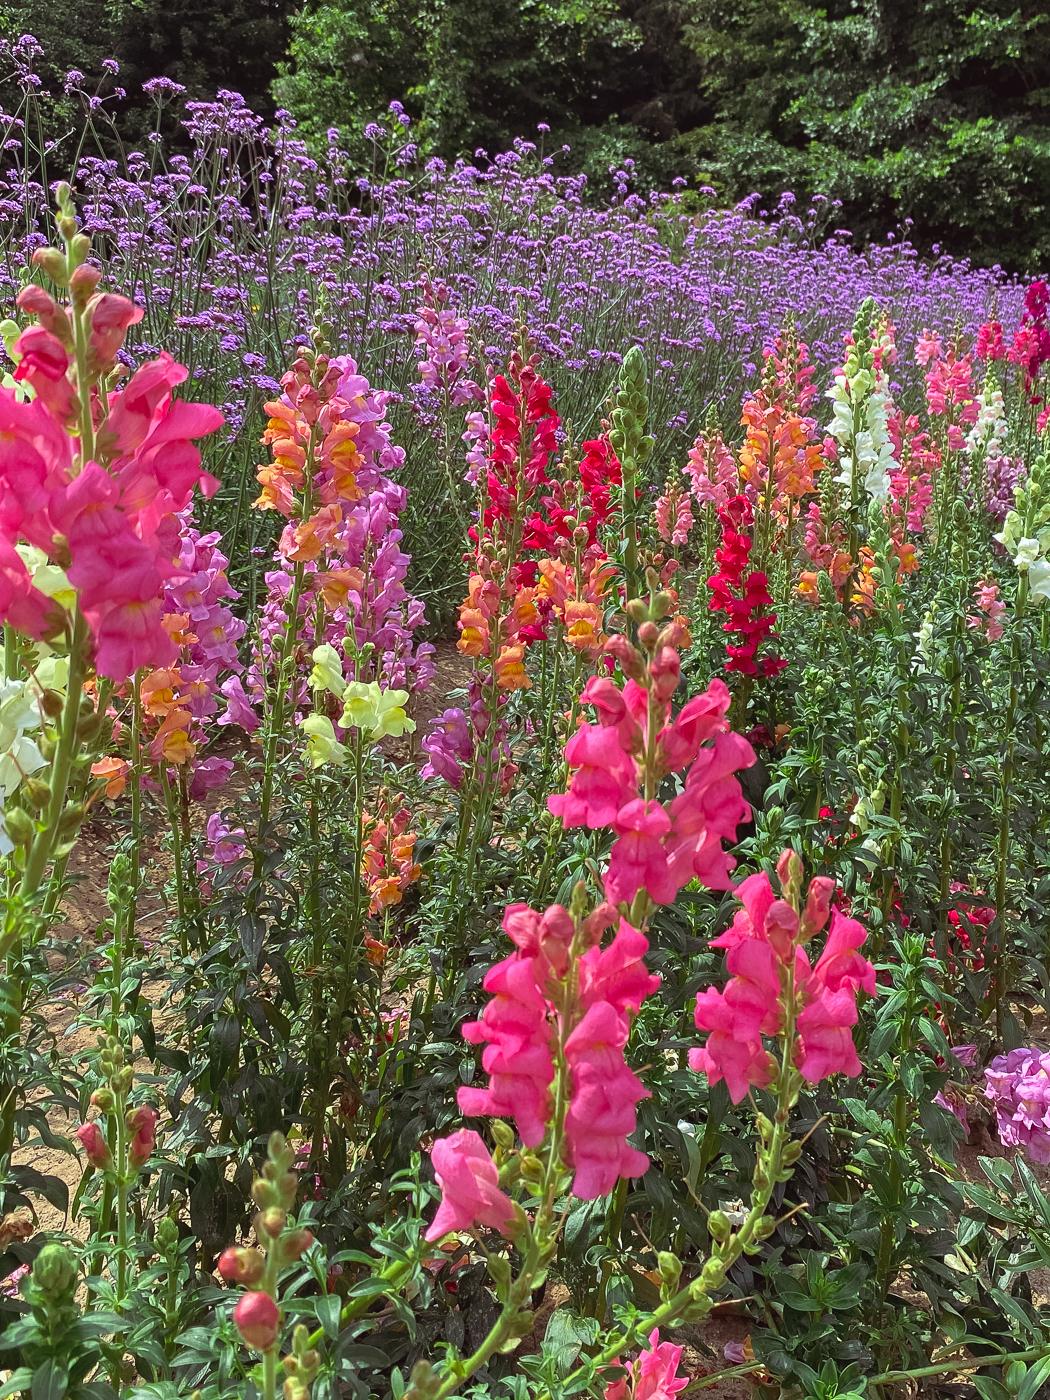 Snapdragon, summer garden flowers, blooming flowers, summer flowers that bloom